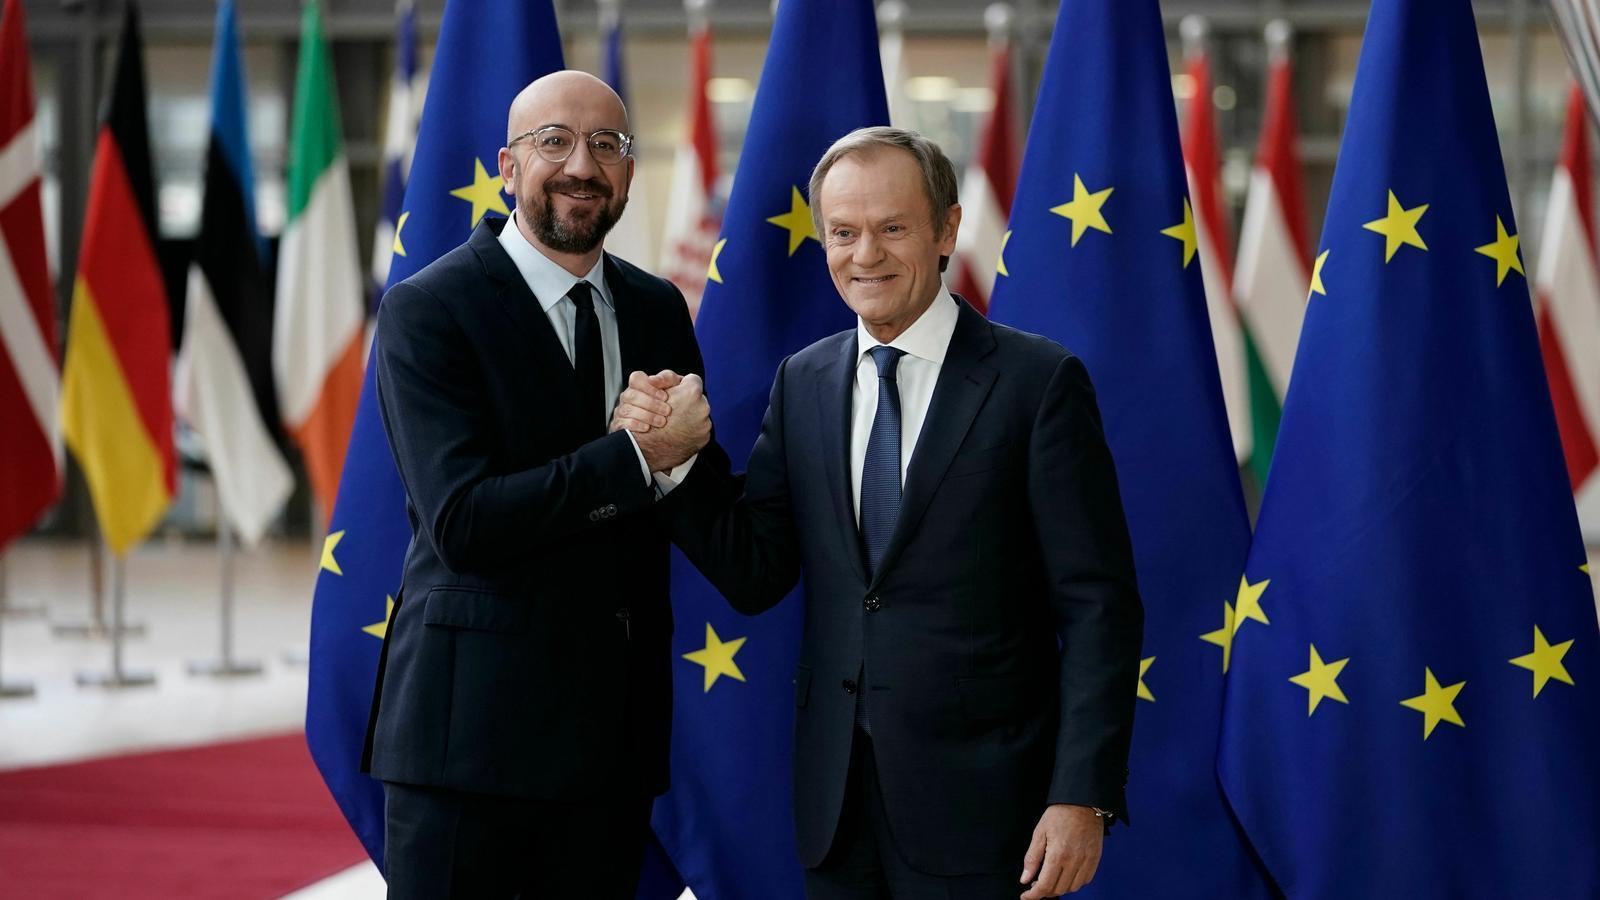 Charles Michel agafa el relleu de Donald Tusk al capdavant del Consell Europeu